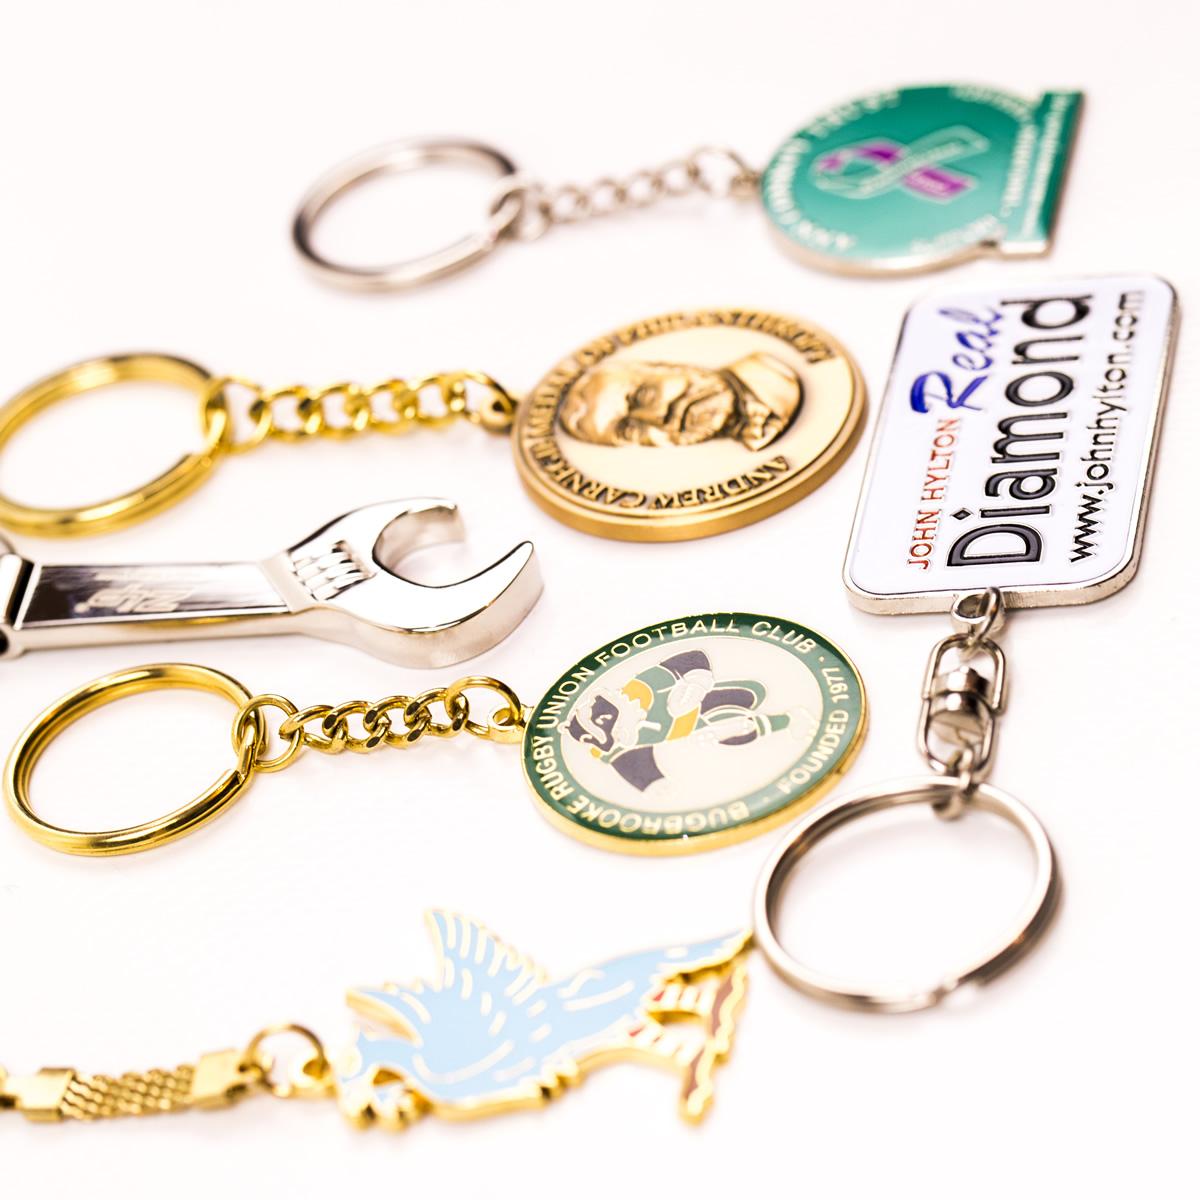 custom made key chains bespoke keyrings keyring maker